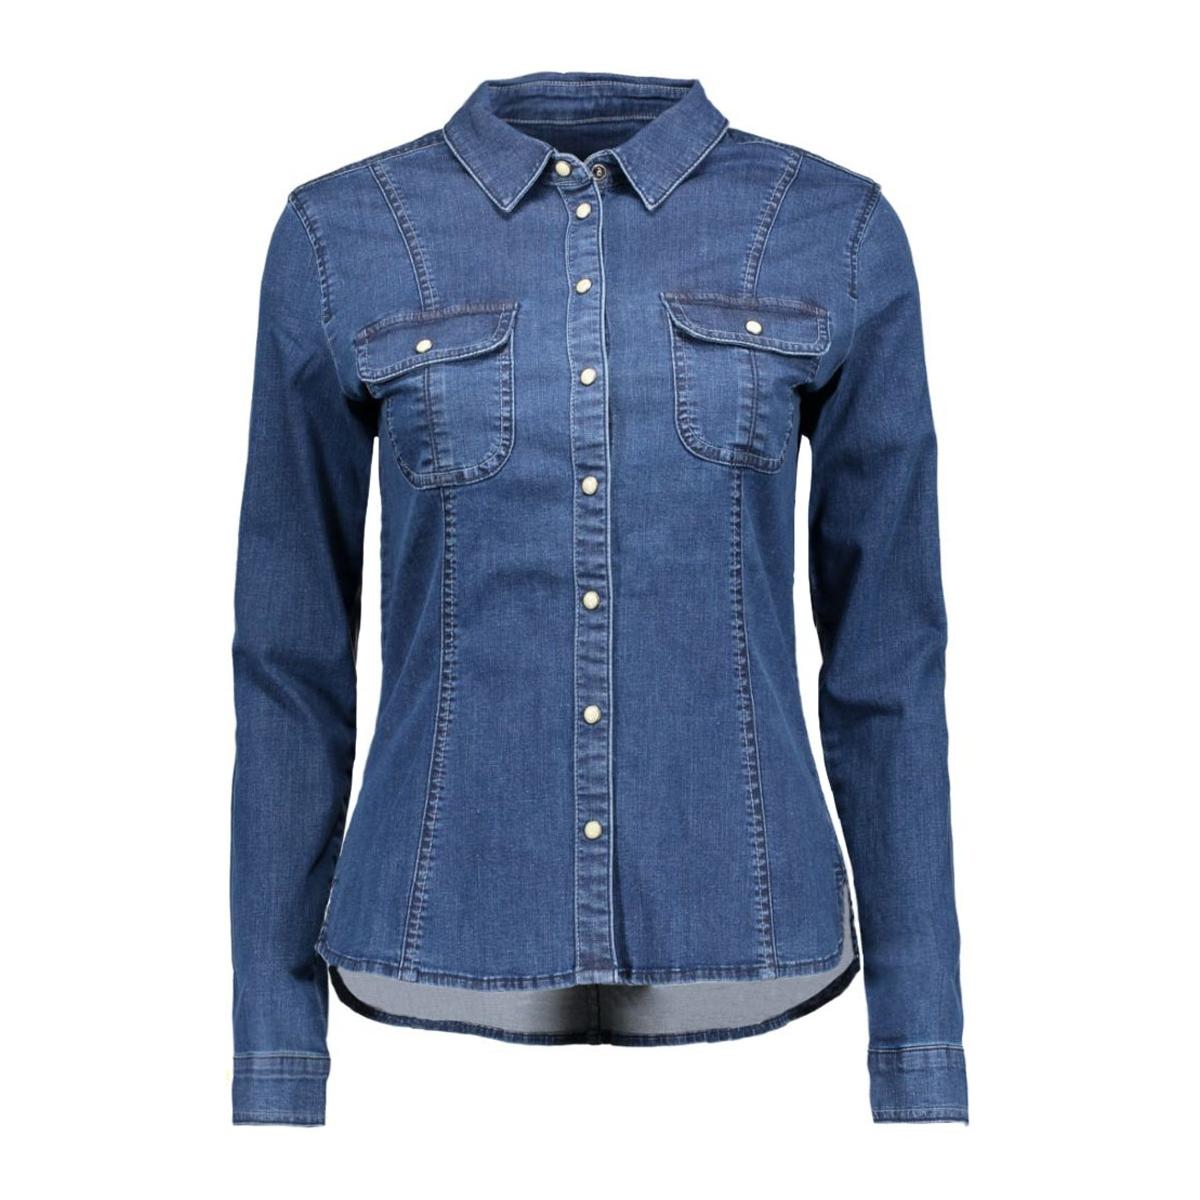 086cc1f031 edc blouse c901